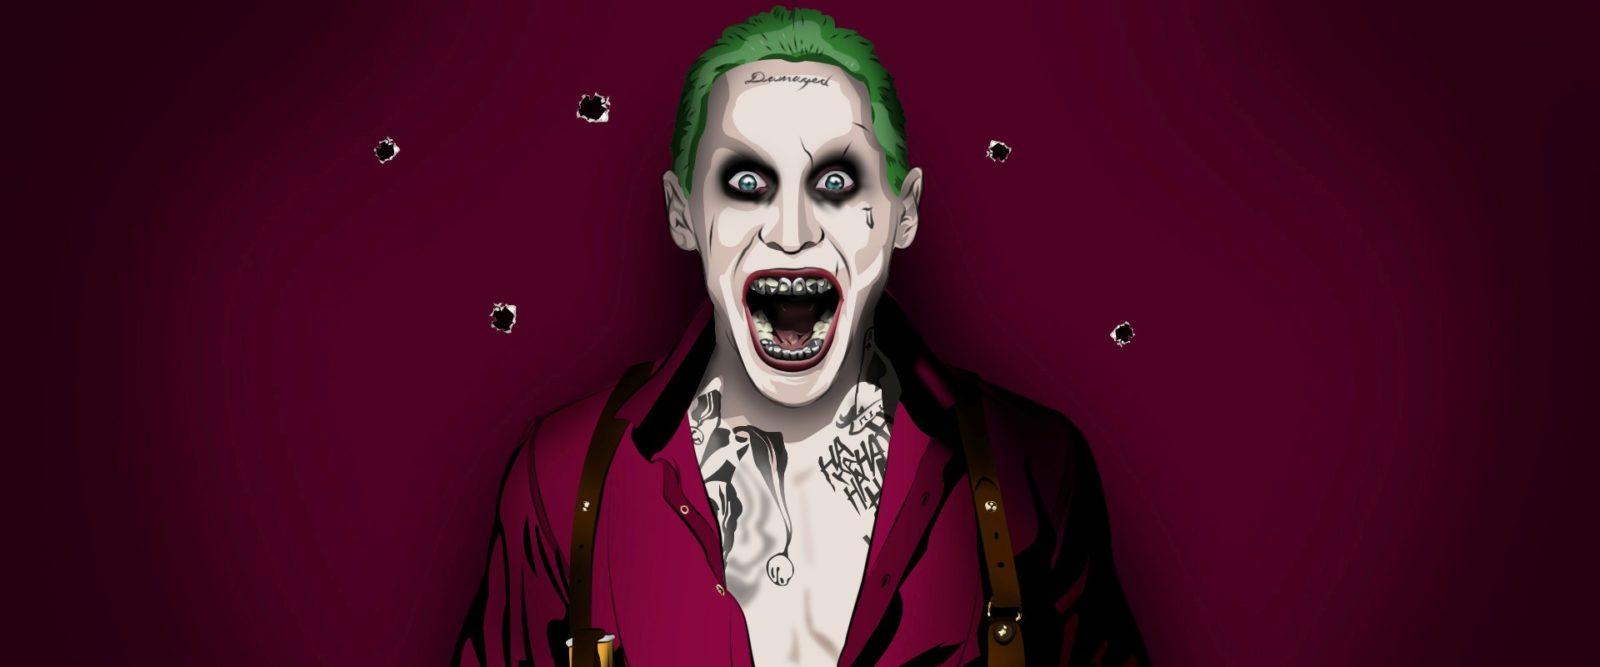 Зак Снайдер представил новый облик Джокера из «Лиги справедливости»